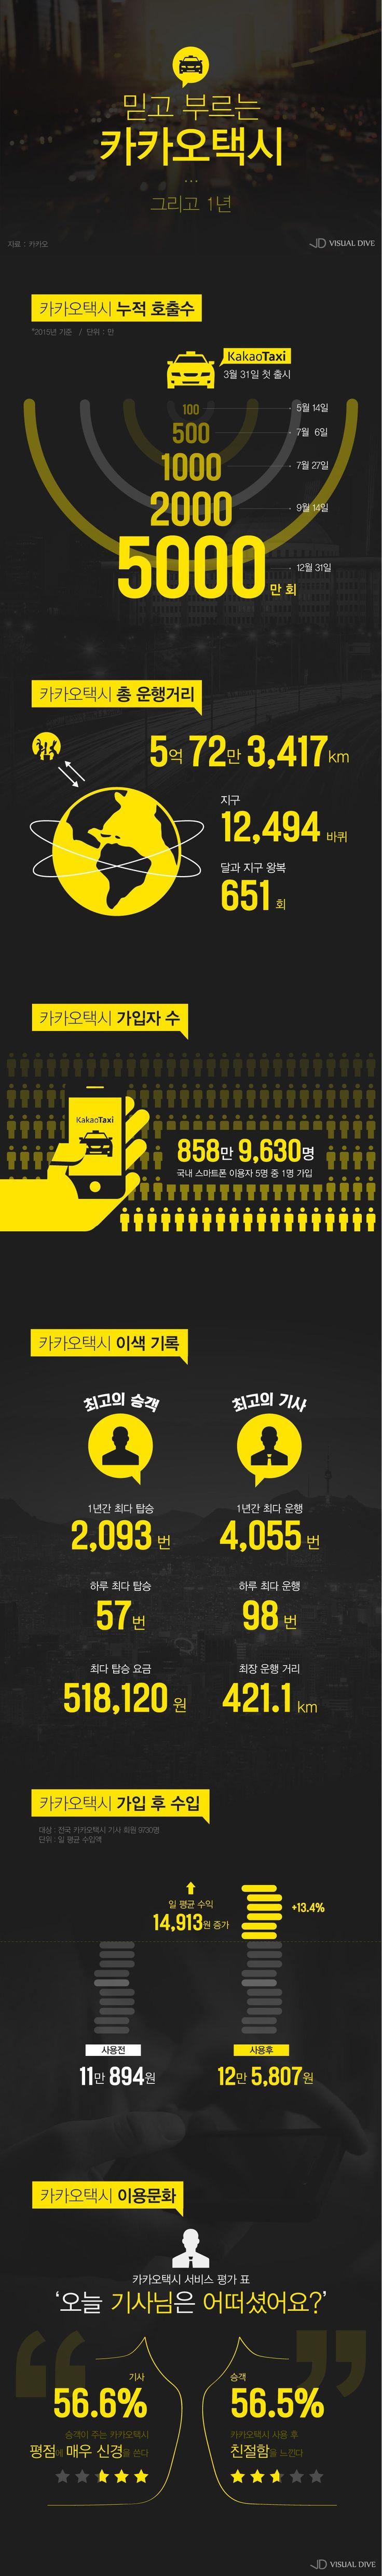 카카오택시 출시 1년…지구 1만2494바퀴 달렸다 [인포그래픽] #taxi / #Infographic ⓒ 비주얼다이브 무단 복사·전재·재배포 금지